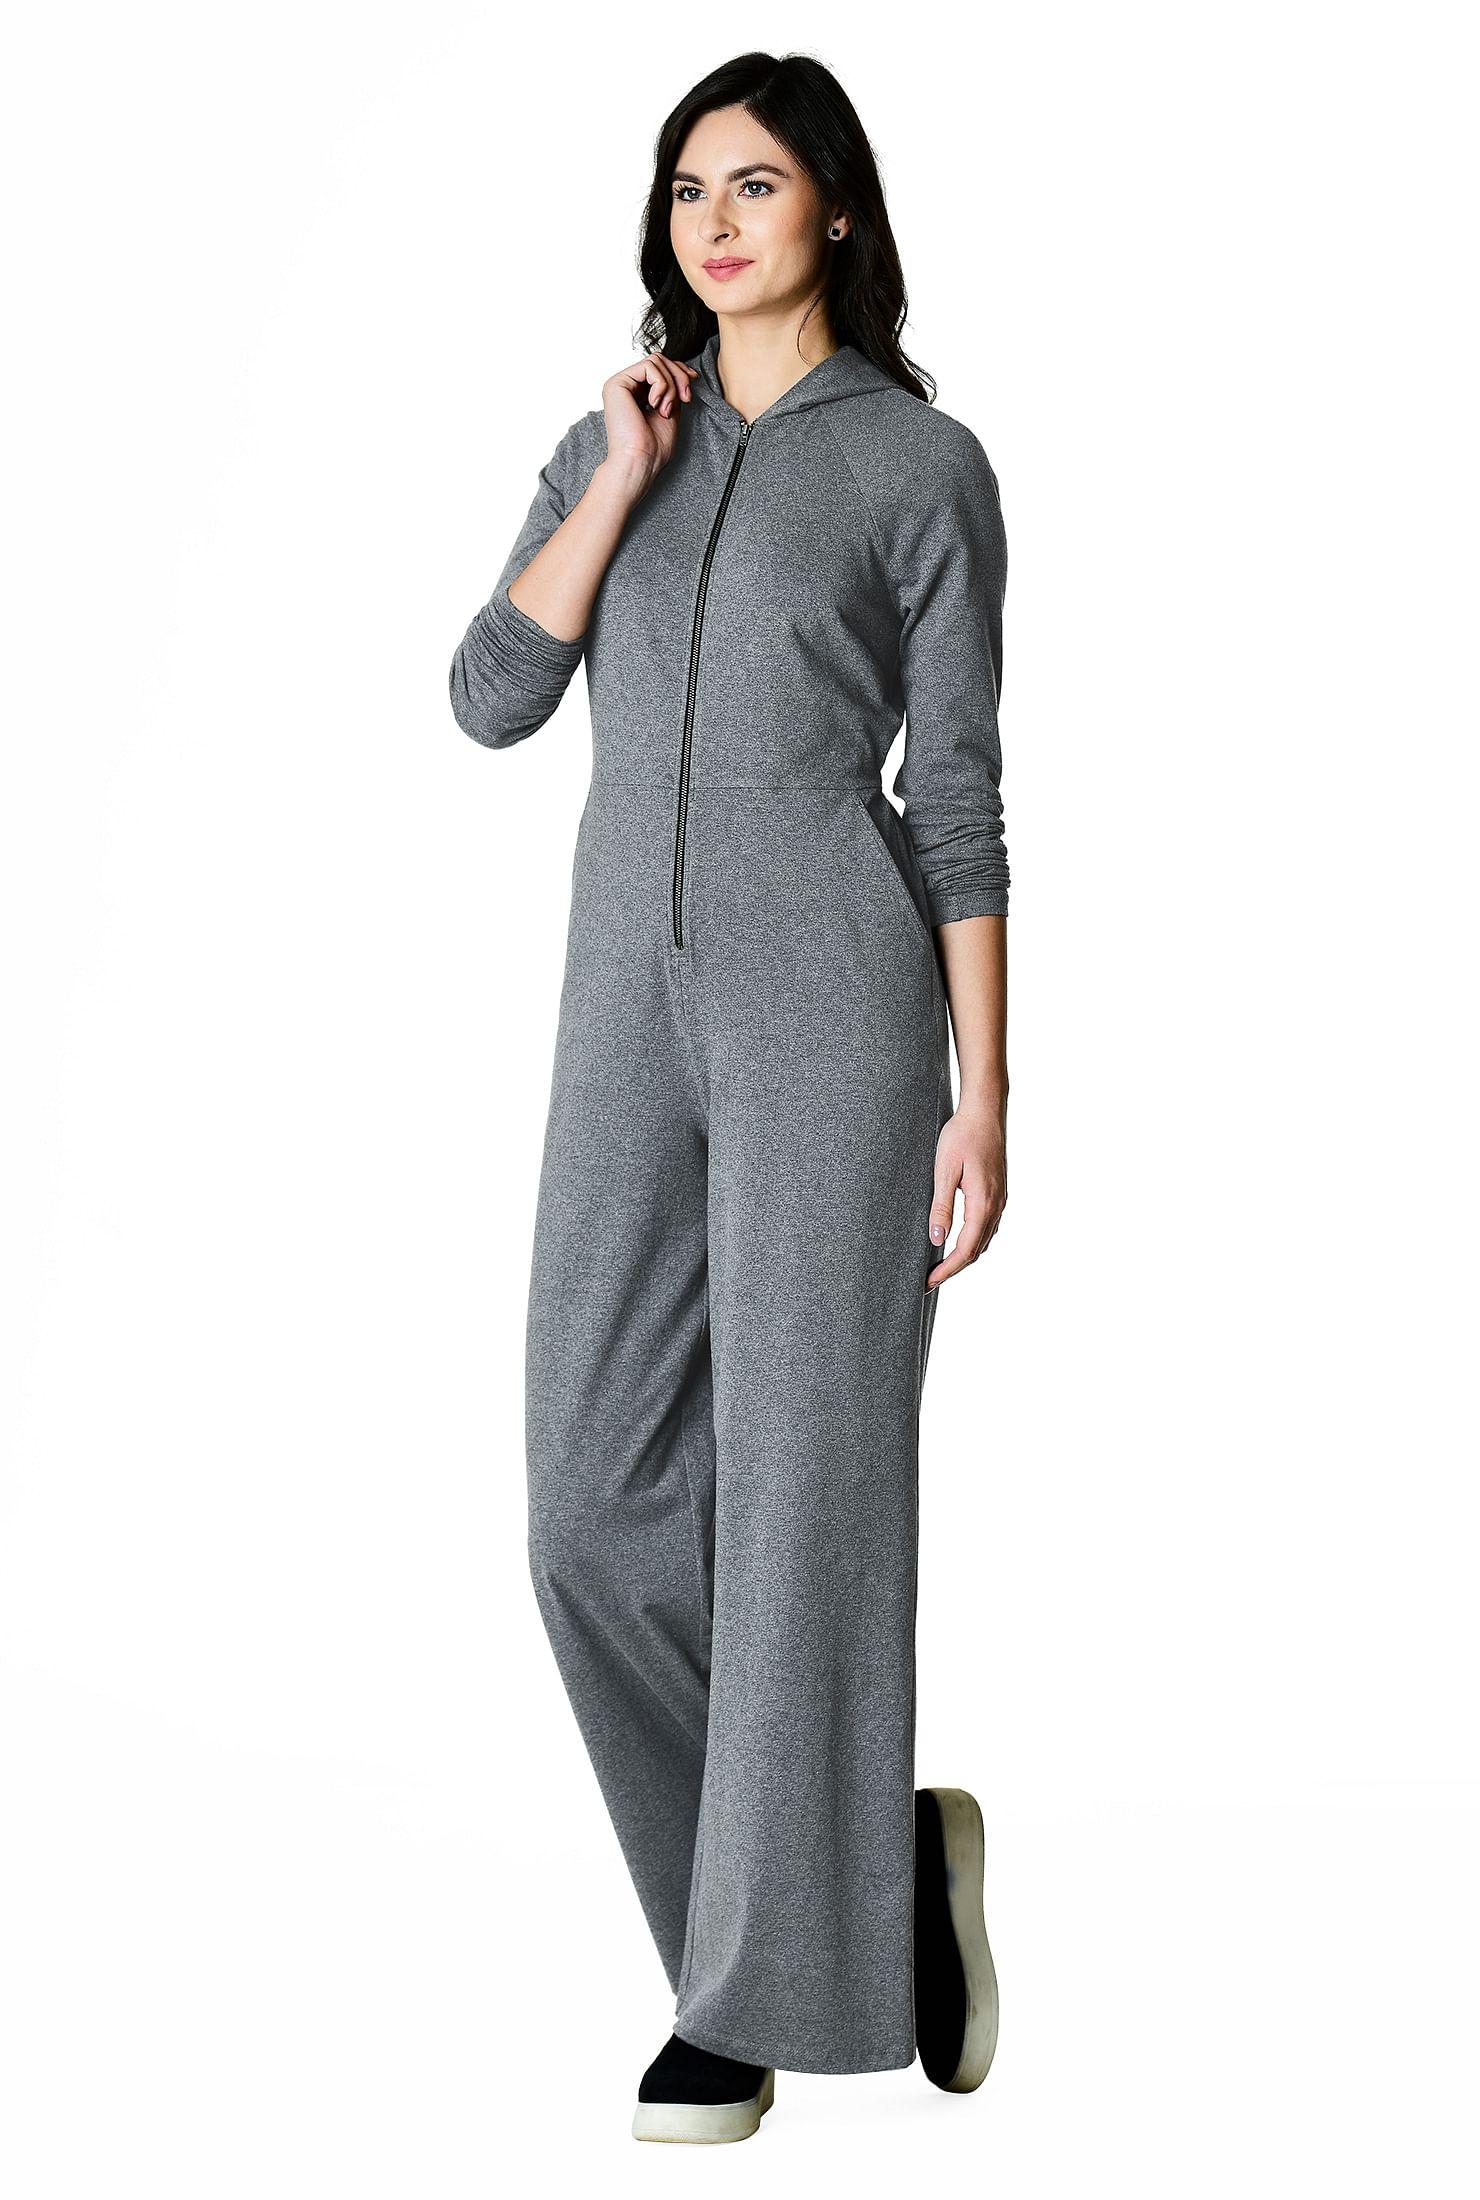 Zip front cotton knit hoodie jumpsuit